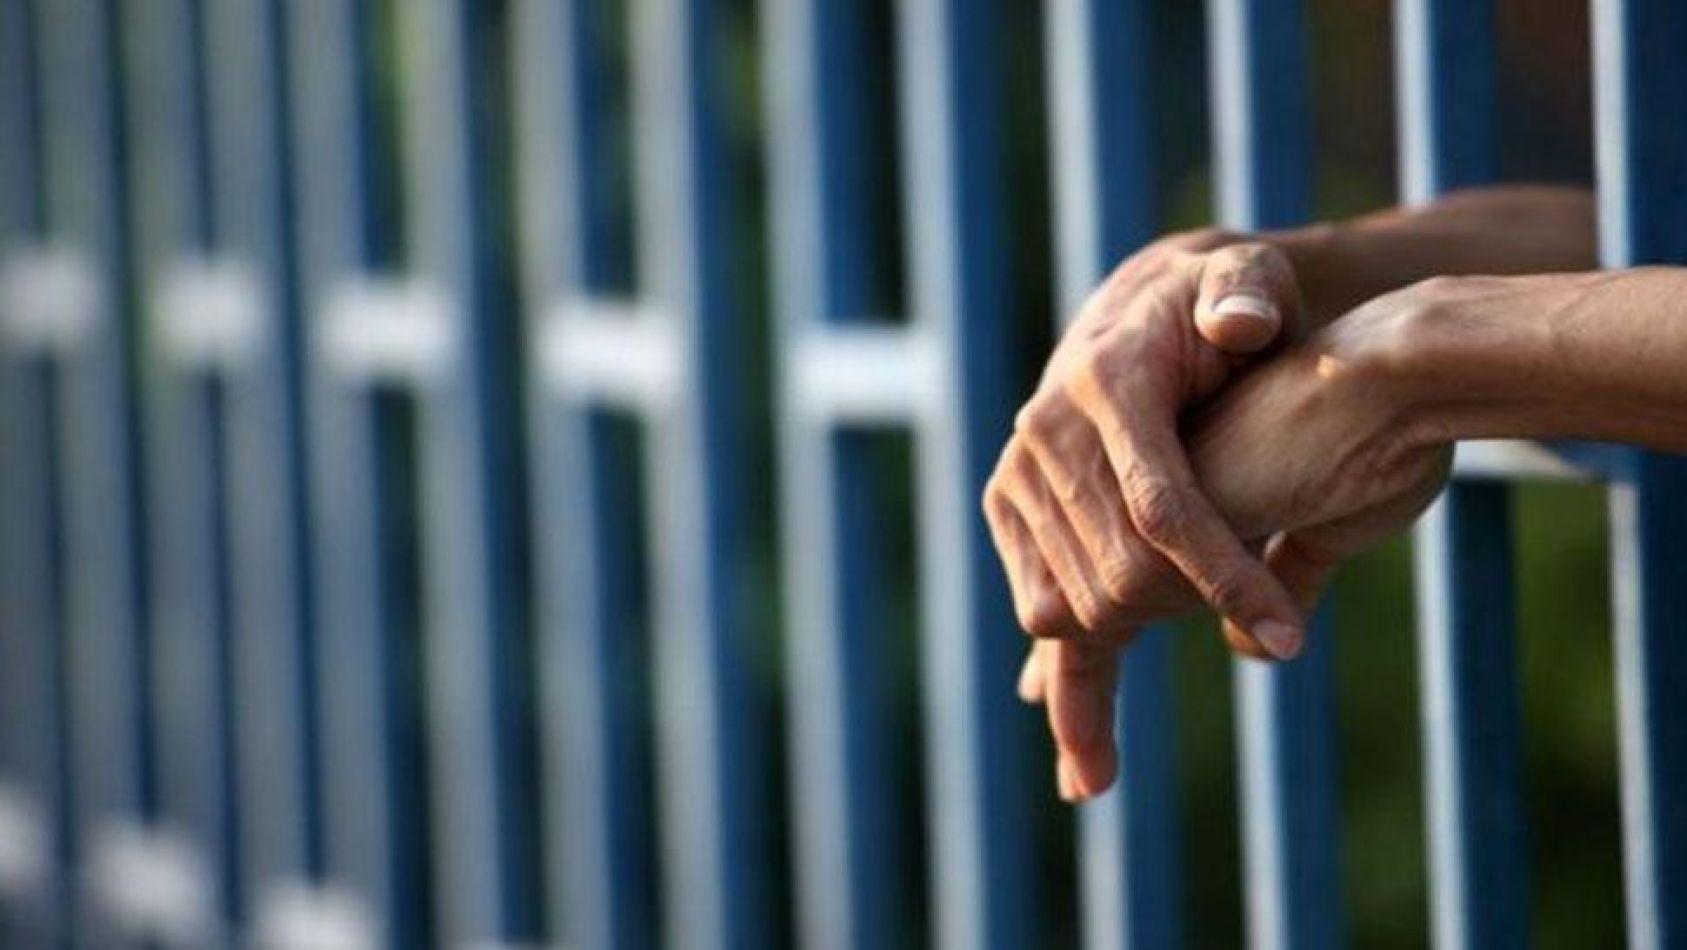 3184-en-10-anios-la-cantidad-de-presos-de-salta-subi-mas-del-50